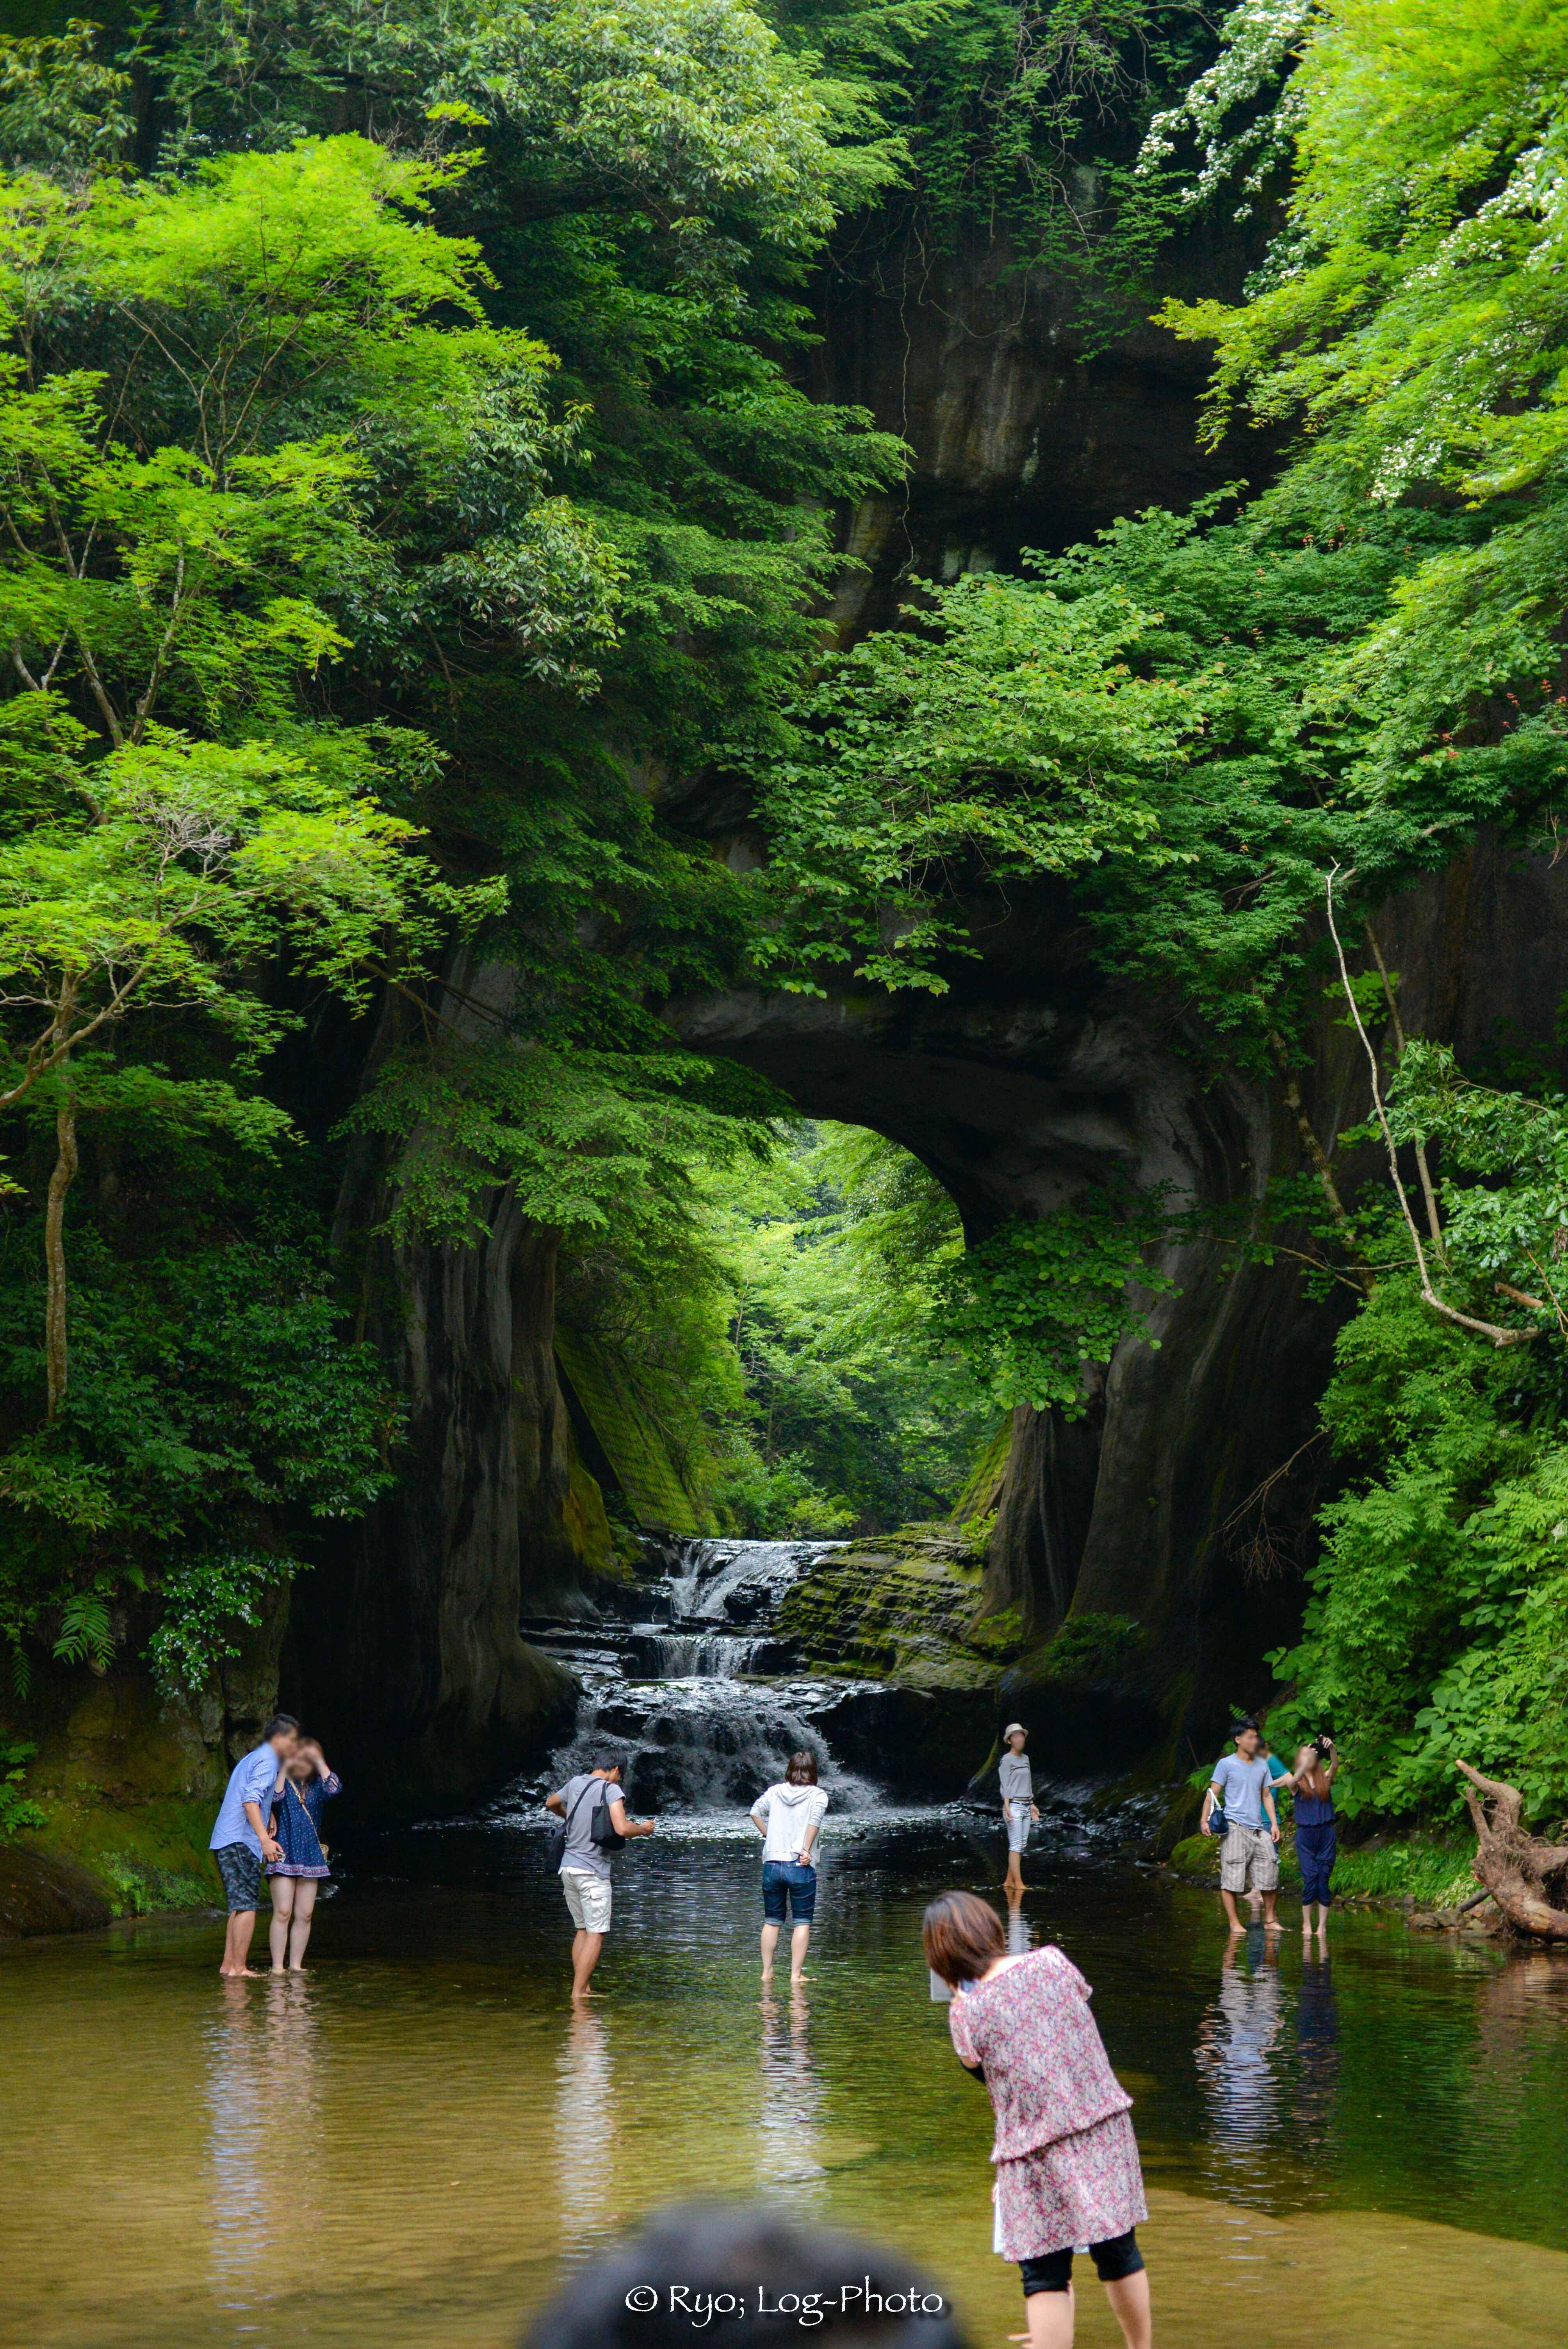 千葉,散歩,ホタル,濃溝の滝,滝,君津,秘境,神秘的,ジブリ,滝,もしツア